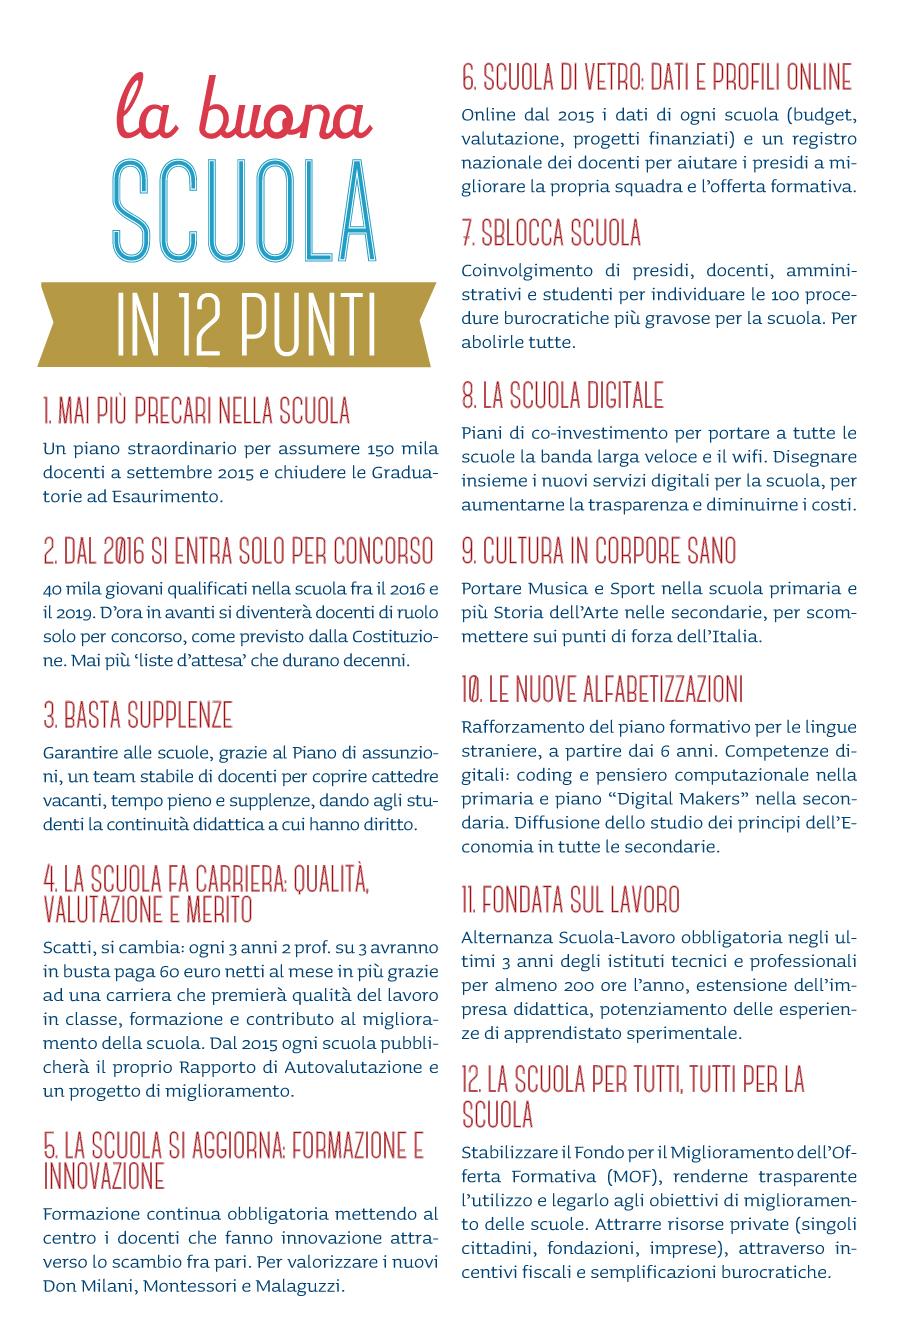 Infografica: La buona scuola in dodici punti